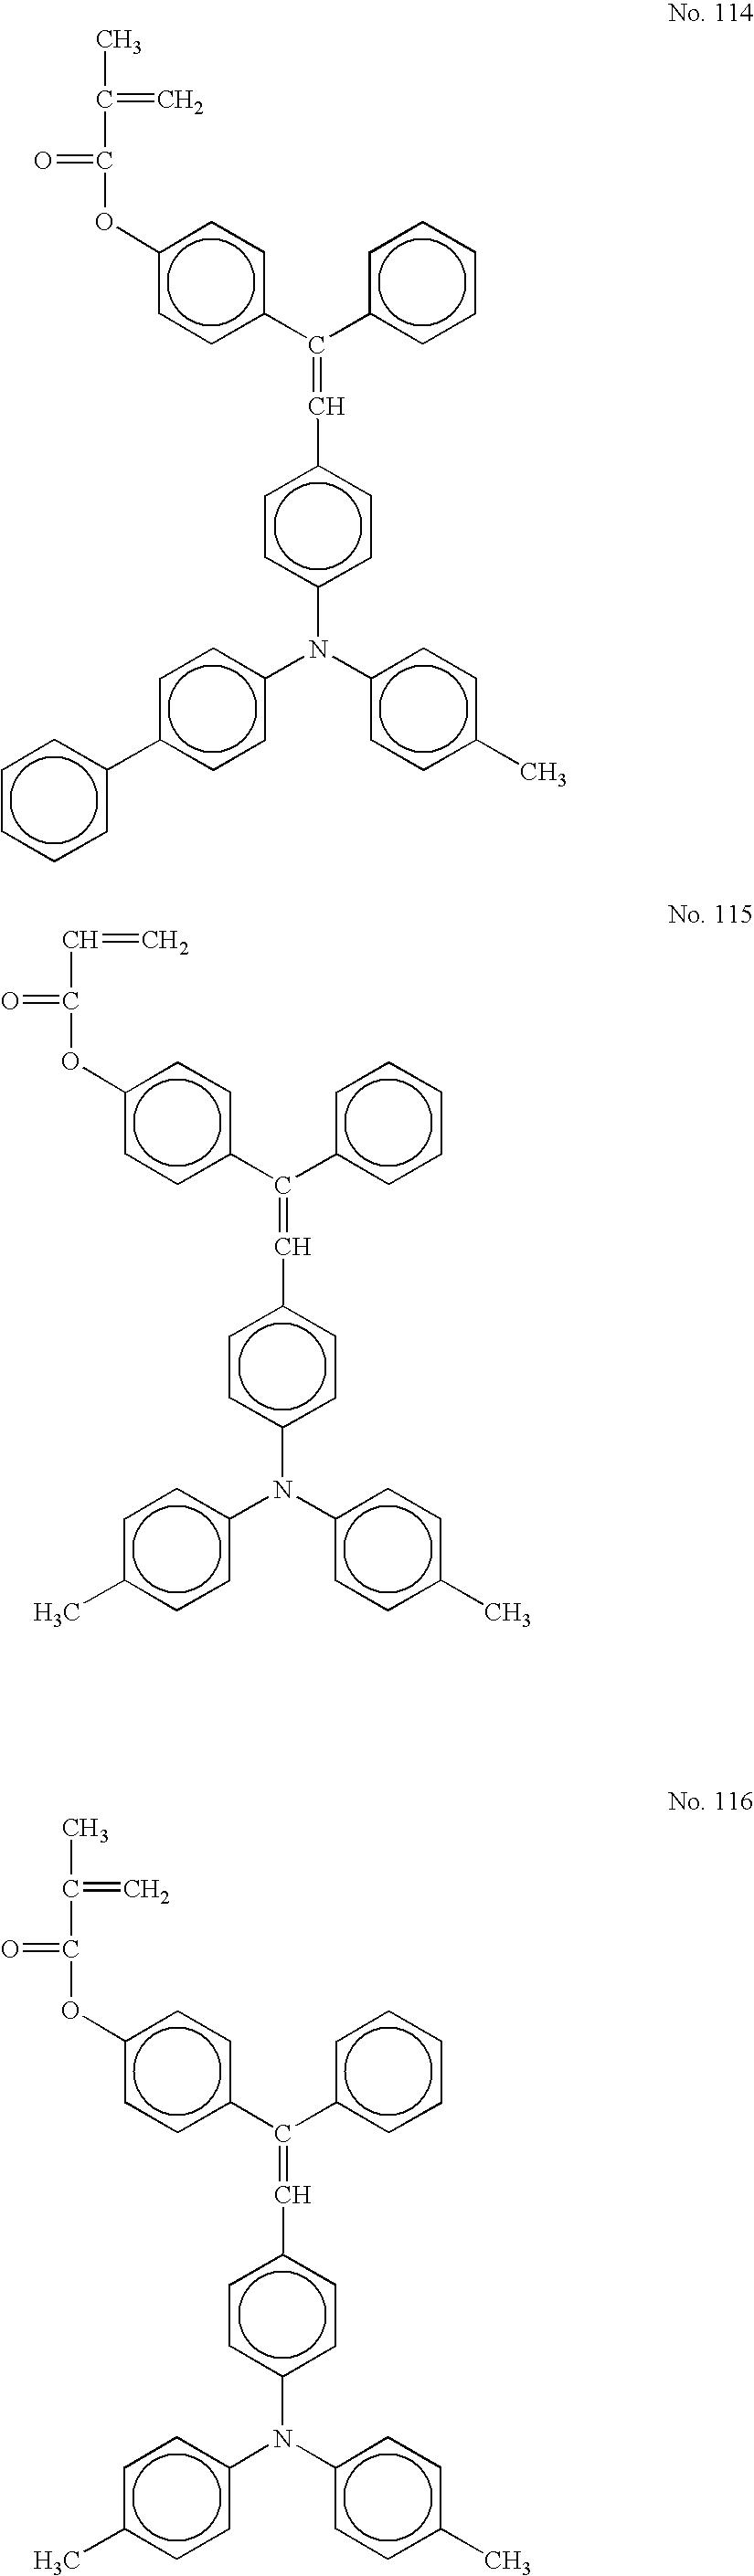 Figure US07175957-20070213-C00051